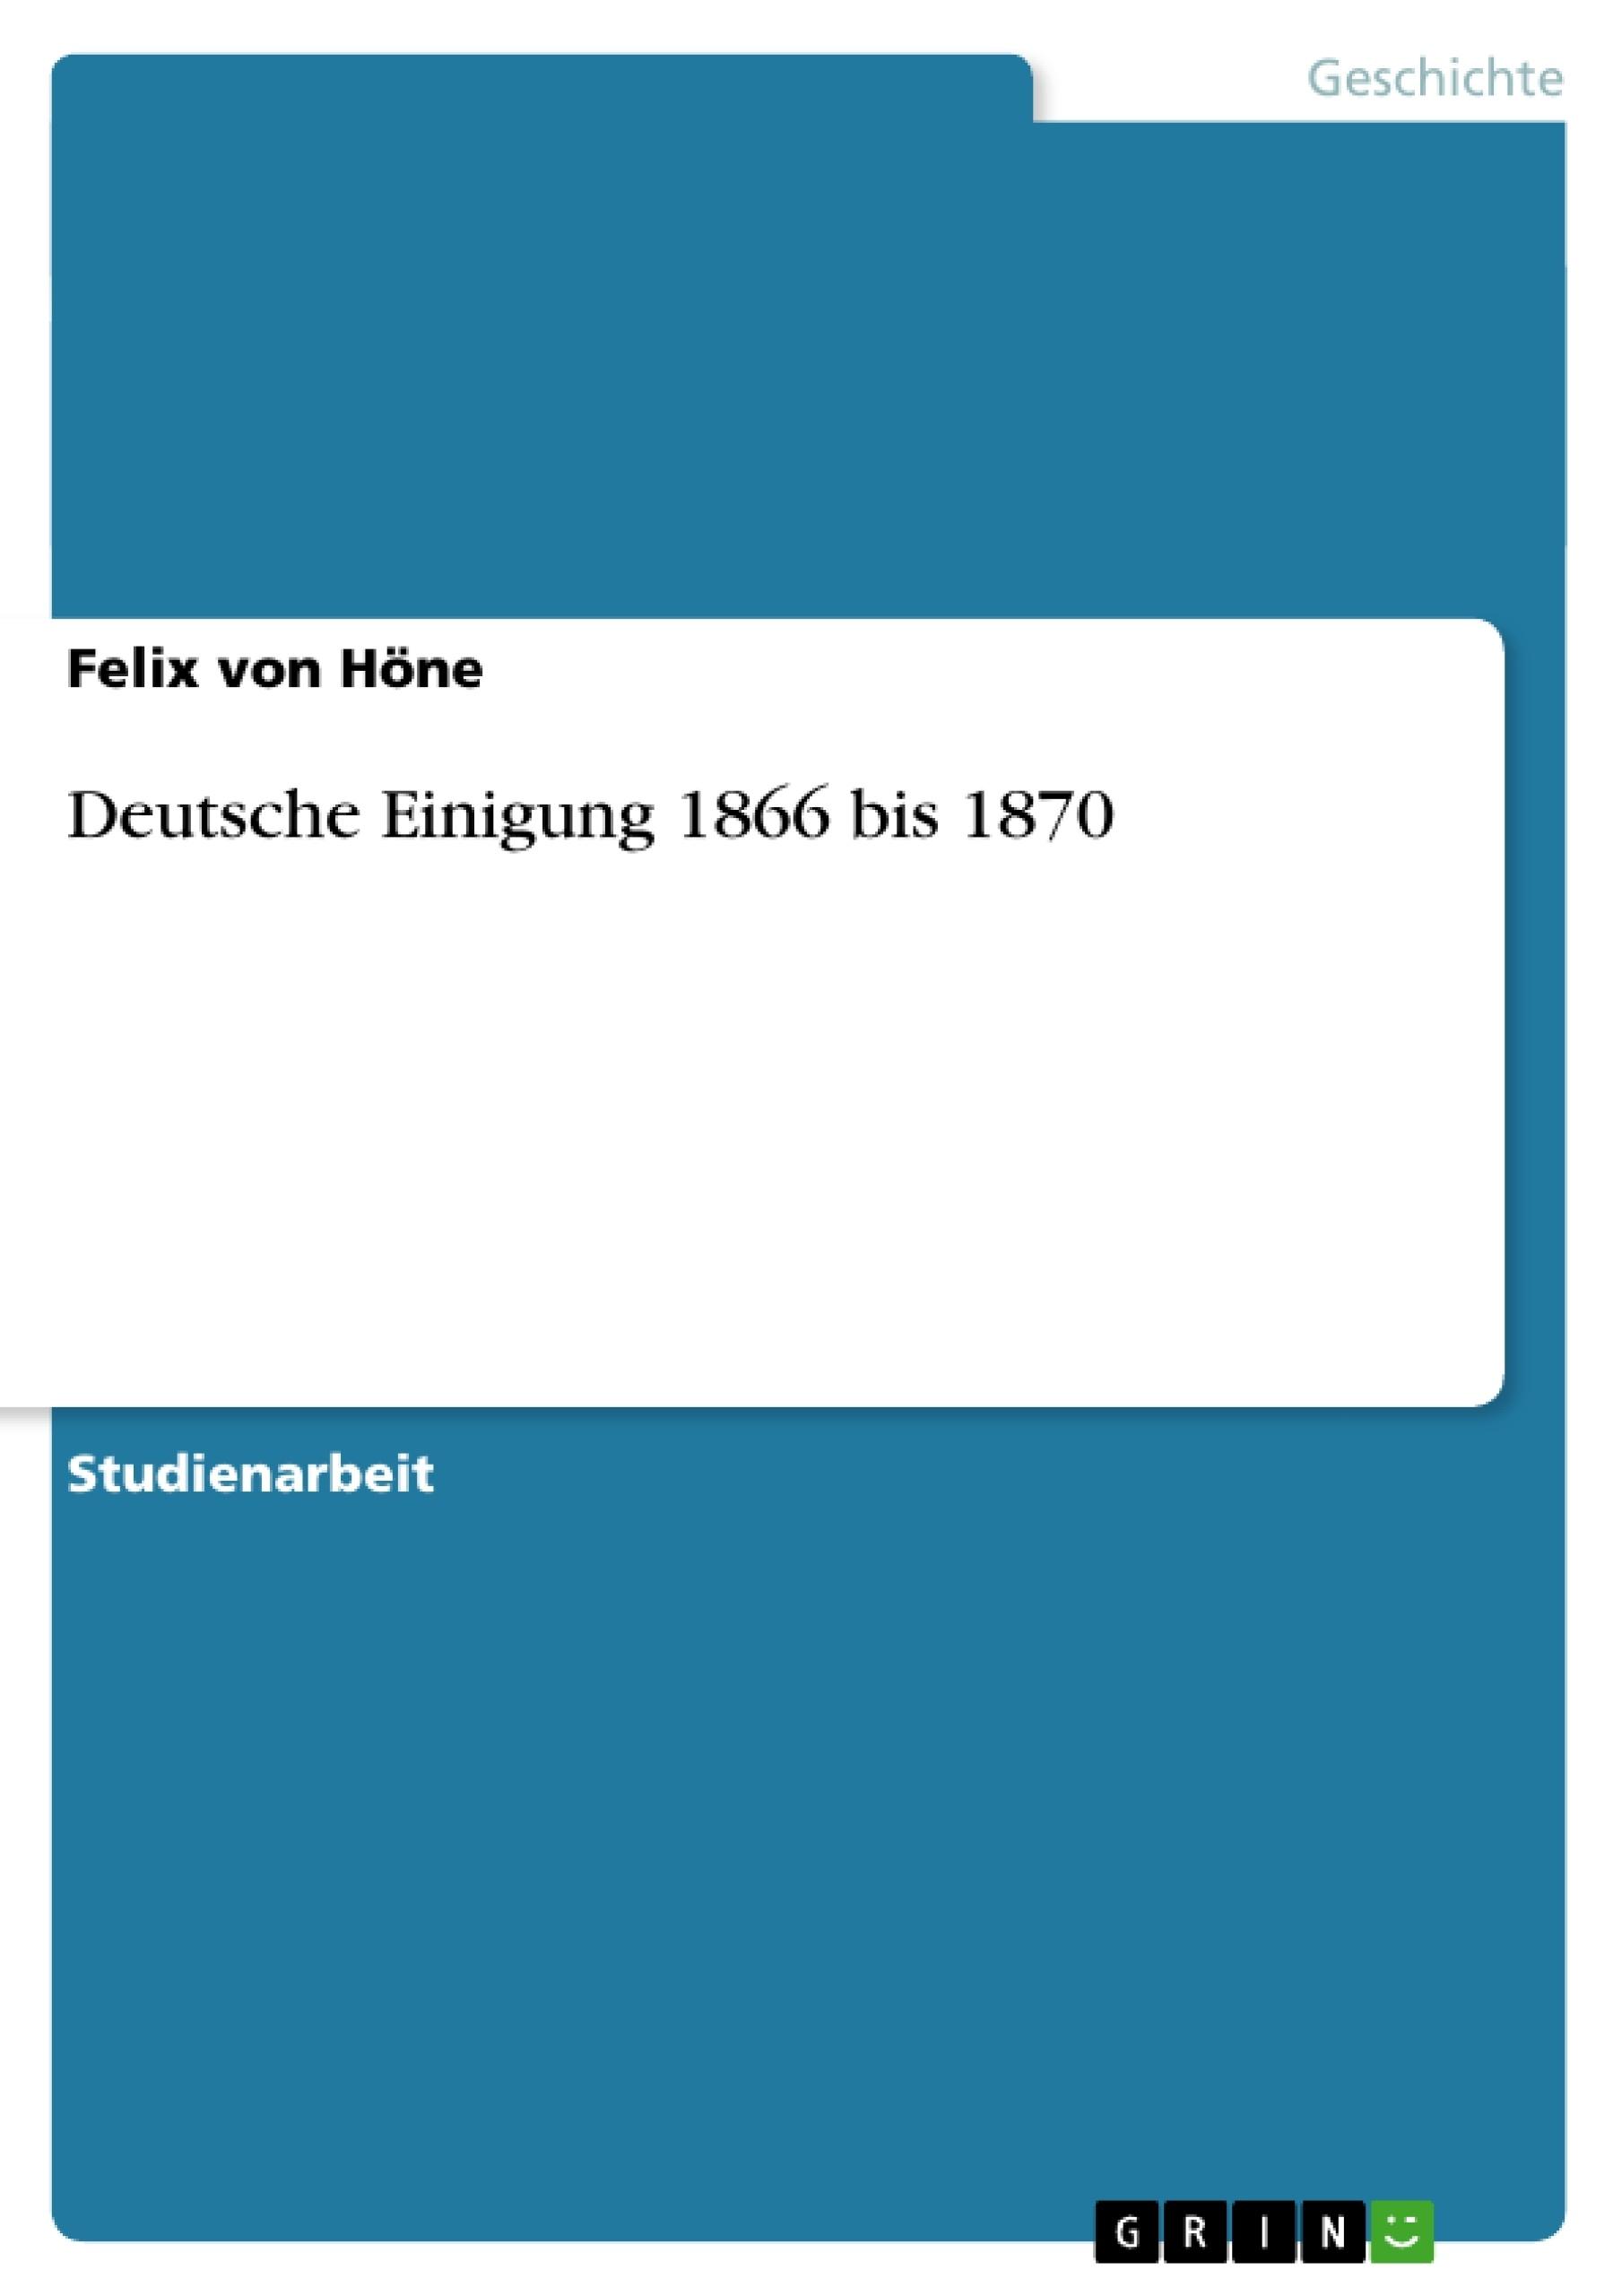 Titel: Deutsche Einigung 1866 bis 1870